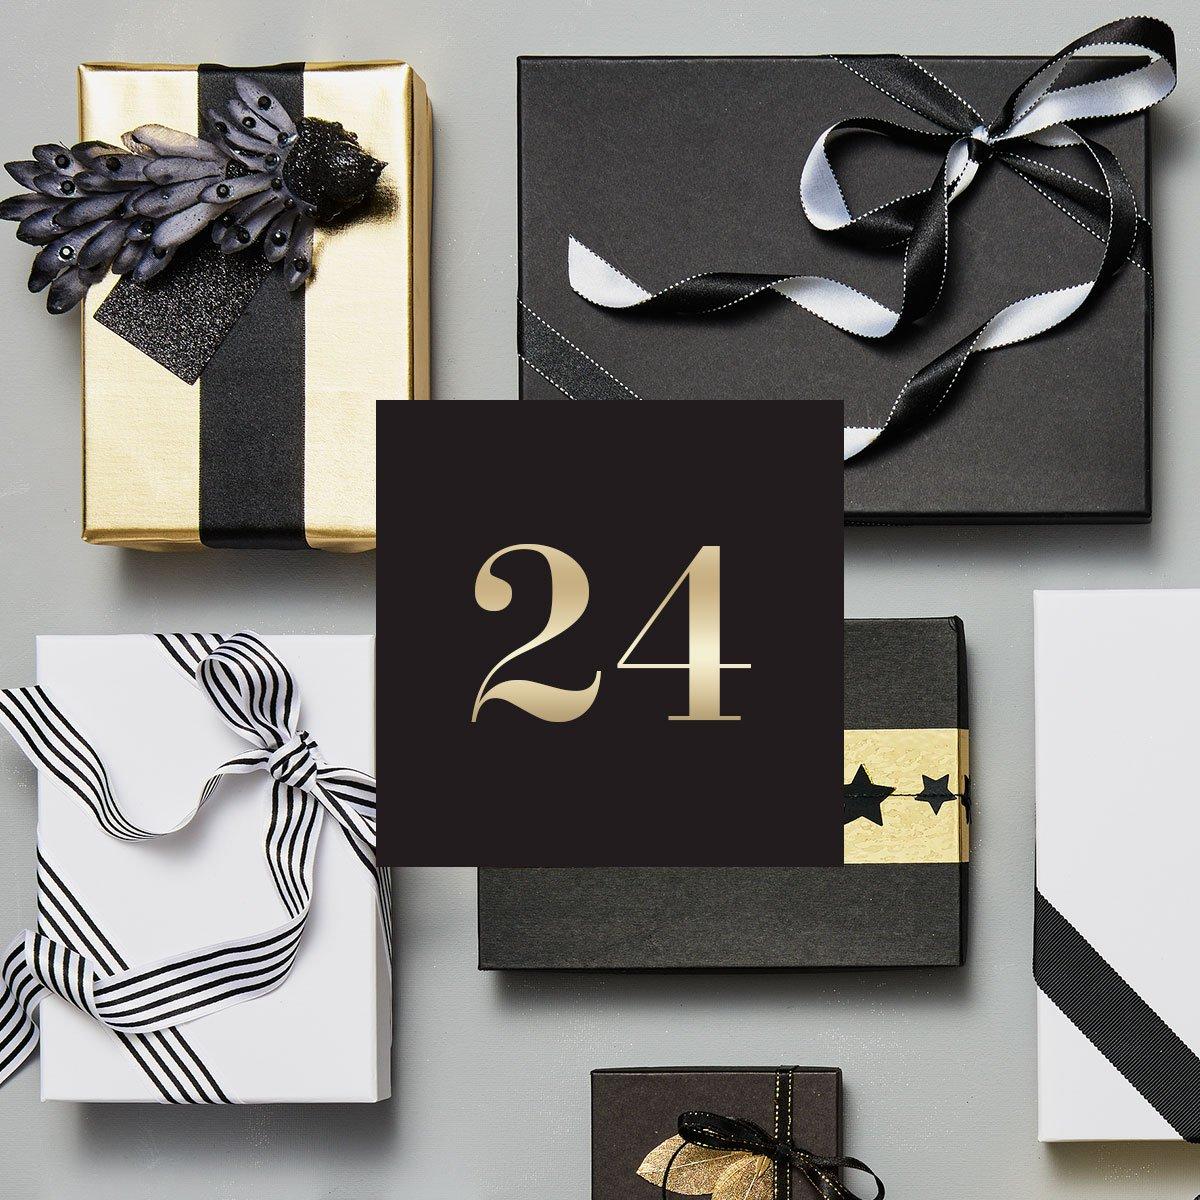 🔔 H&M CLUB Julekalender - 24. december 🔔 Nu er det endelig jul 🎄 Vind en verden af fashion! Gå ind i H&M-appen og deltag i den sidste, men bedste, julekonkurrence! Der er 3 heldige vindere 🎁 Glædelig jul! 🎅🏽 https://t.co/tghpraTB4y